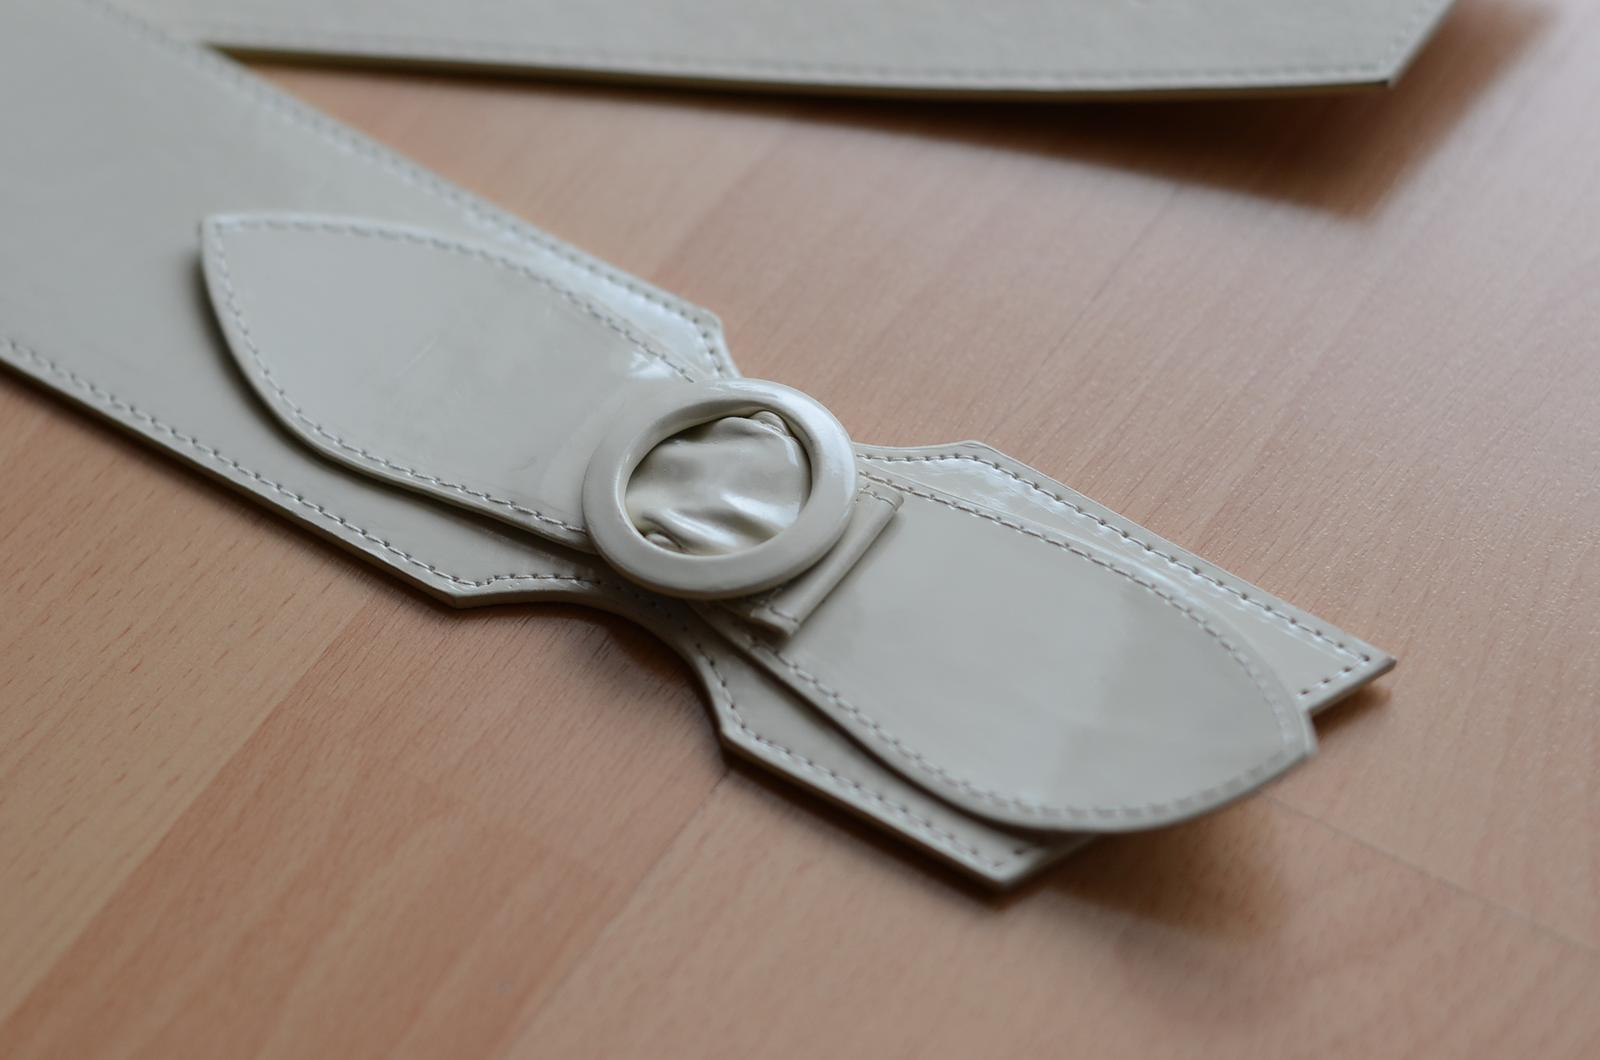 kremovy leskly opasok na pas - Obrázok č. 1